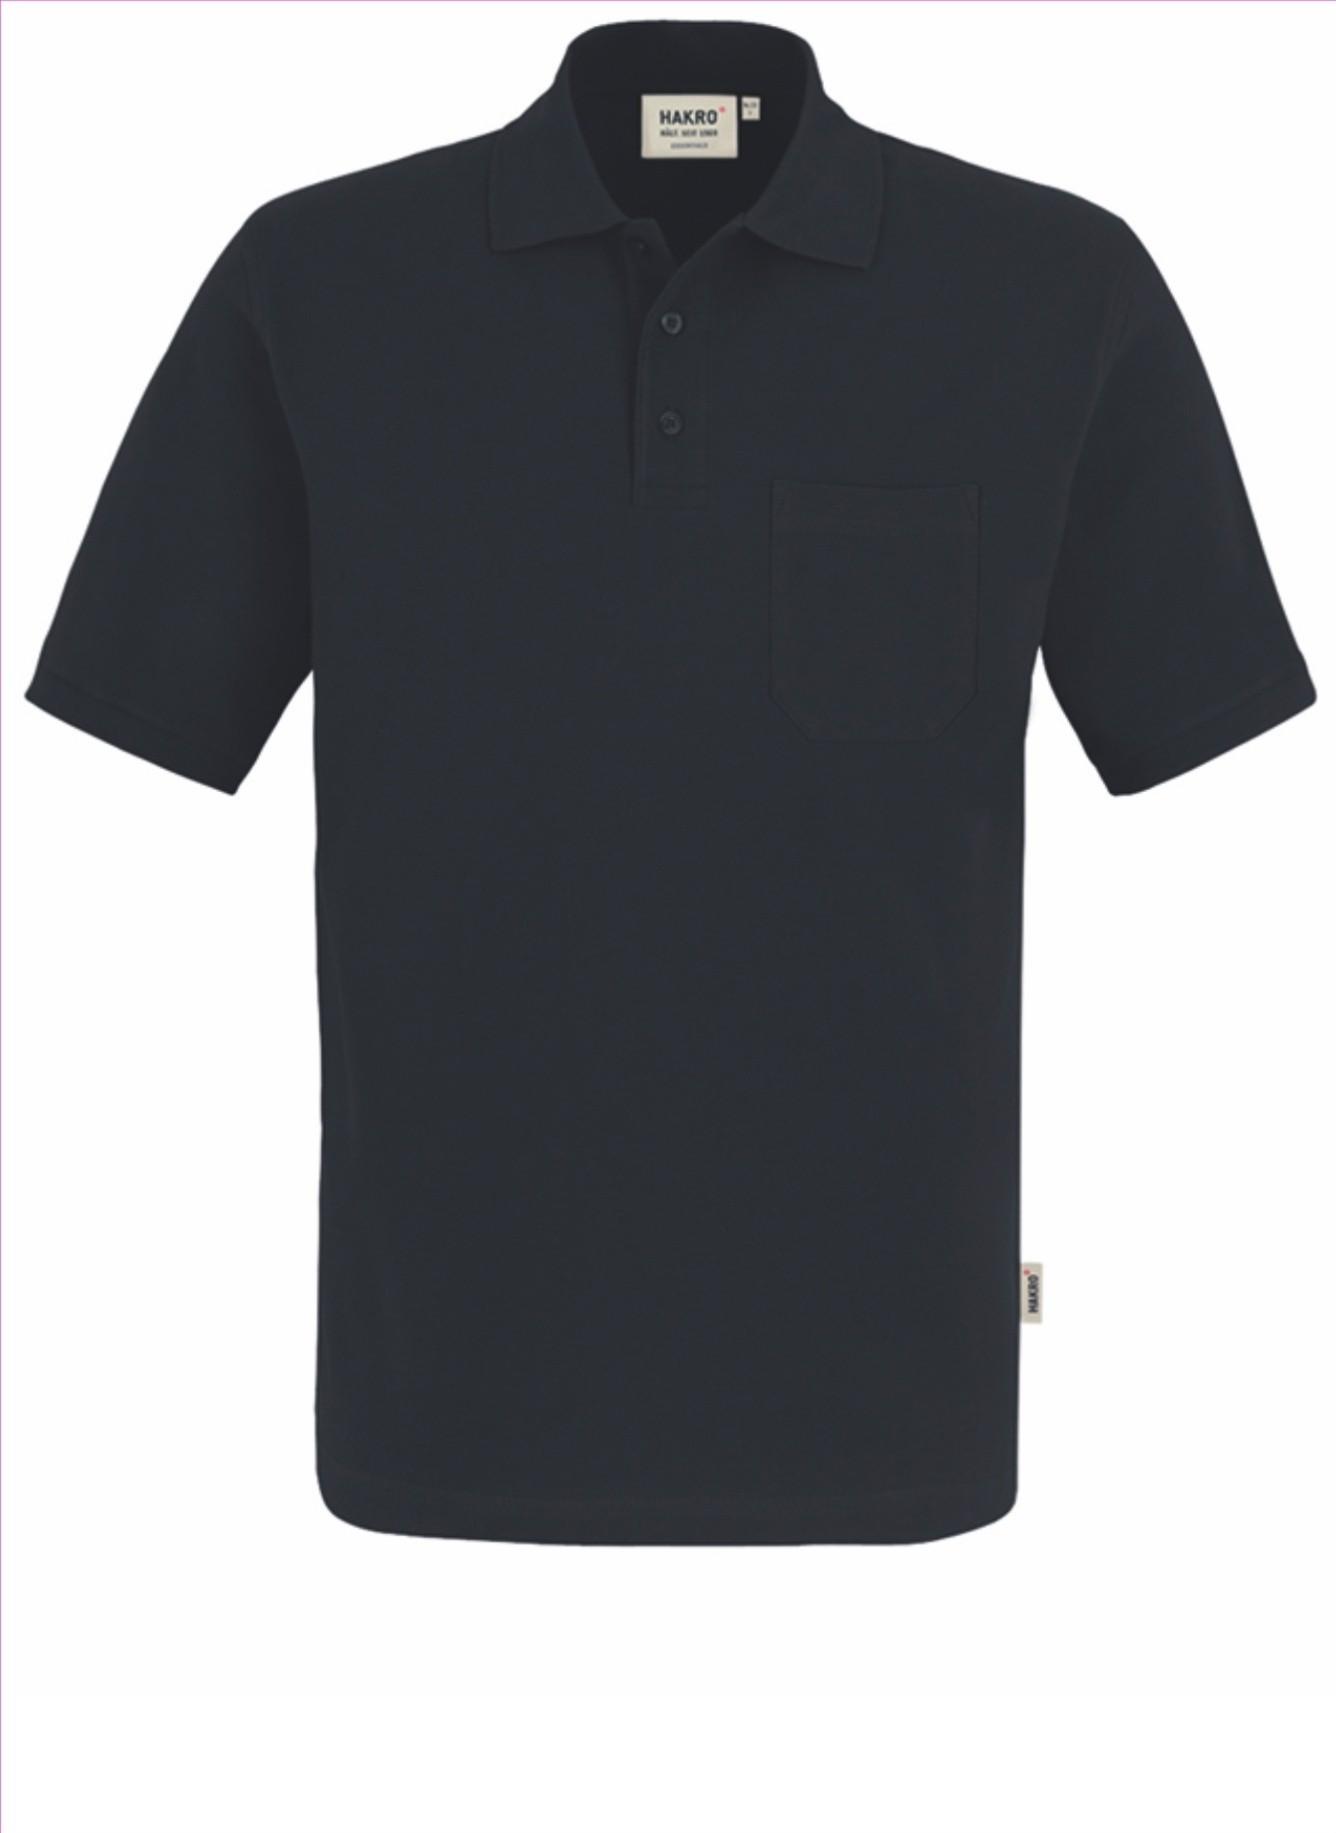 HAKRO Poloshirt Top Herren